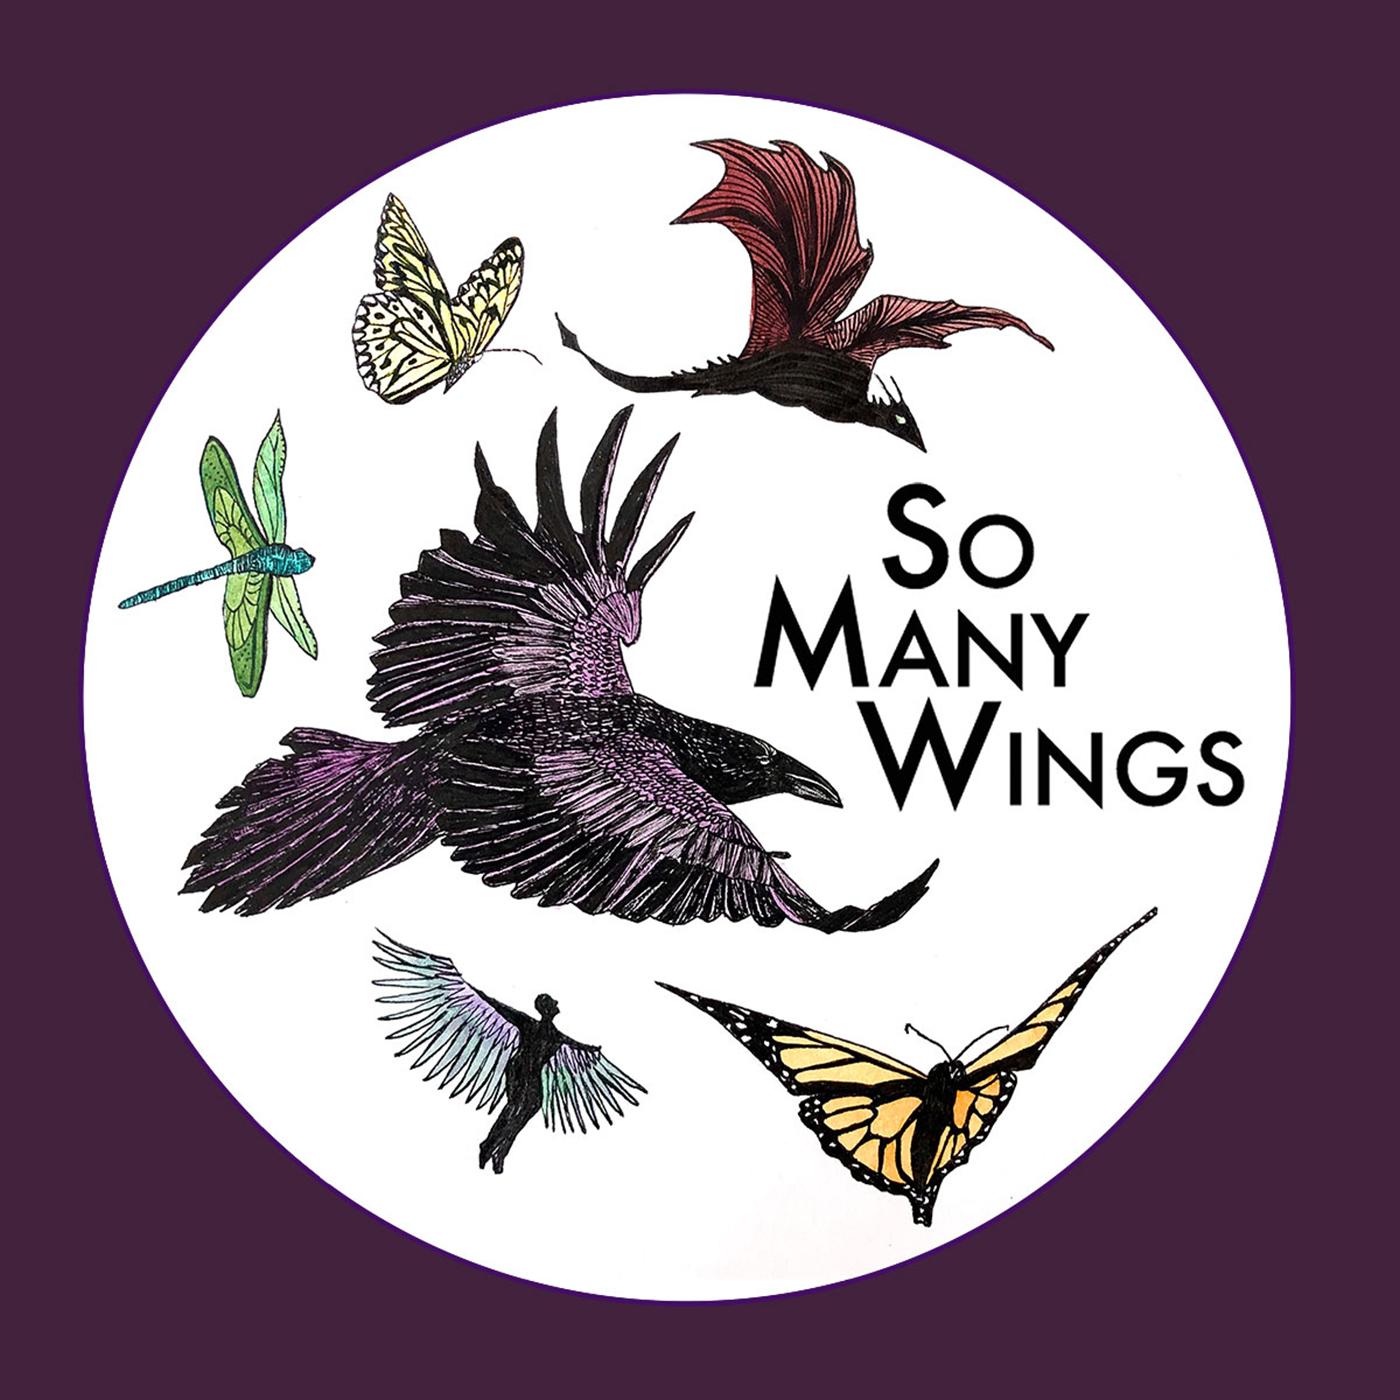 So Many Wings show art